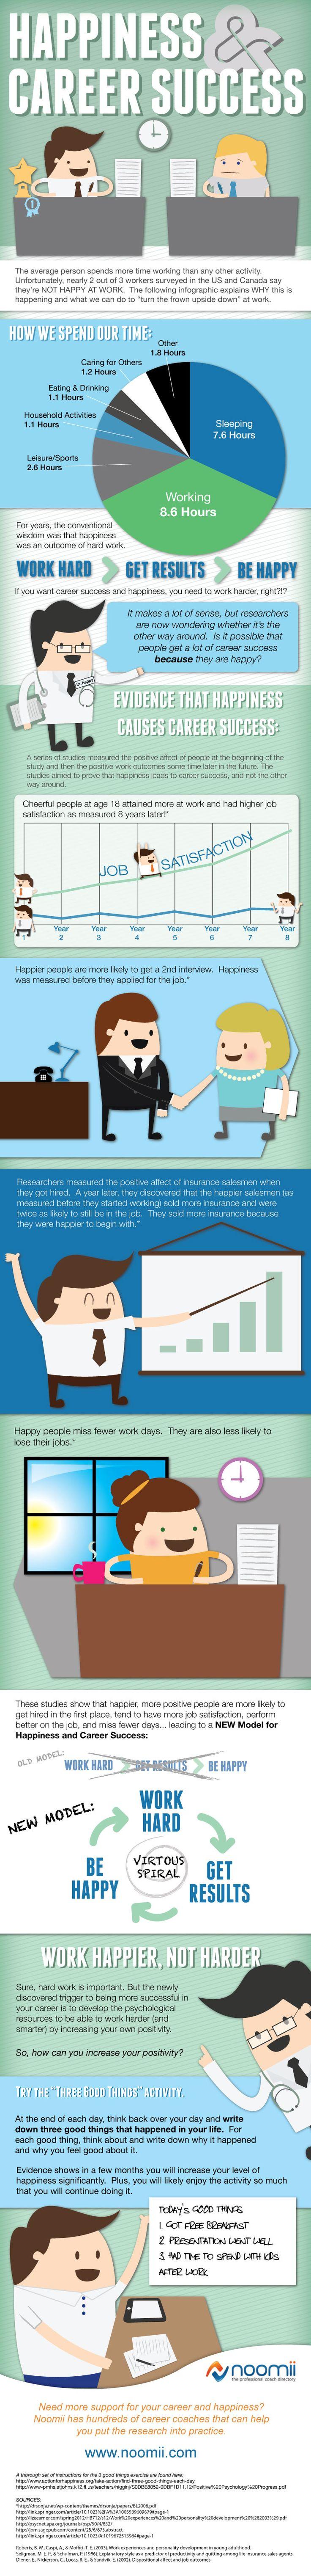 Geluk & succesvolle carrière in een infographic | Hi-RE.nl